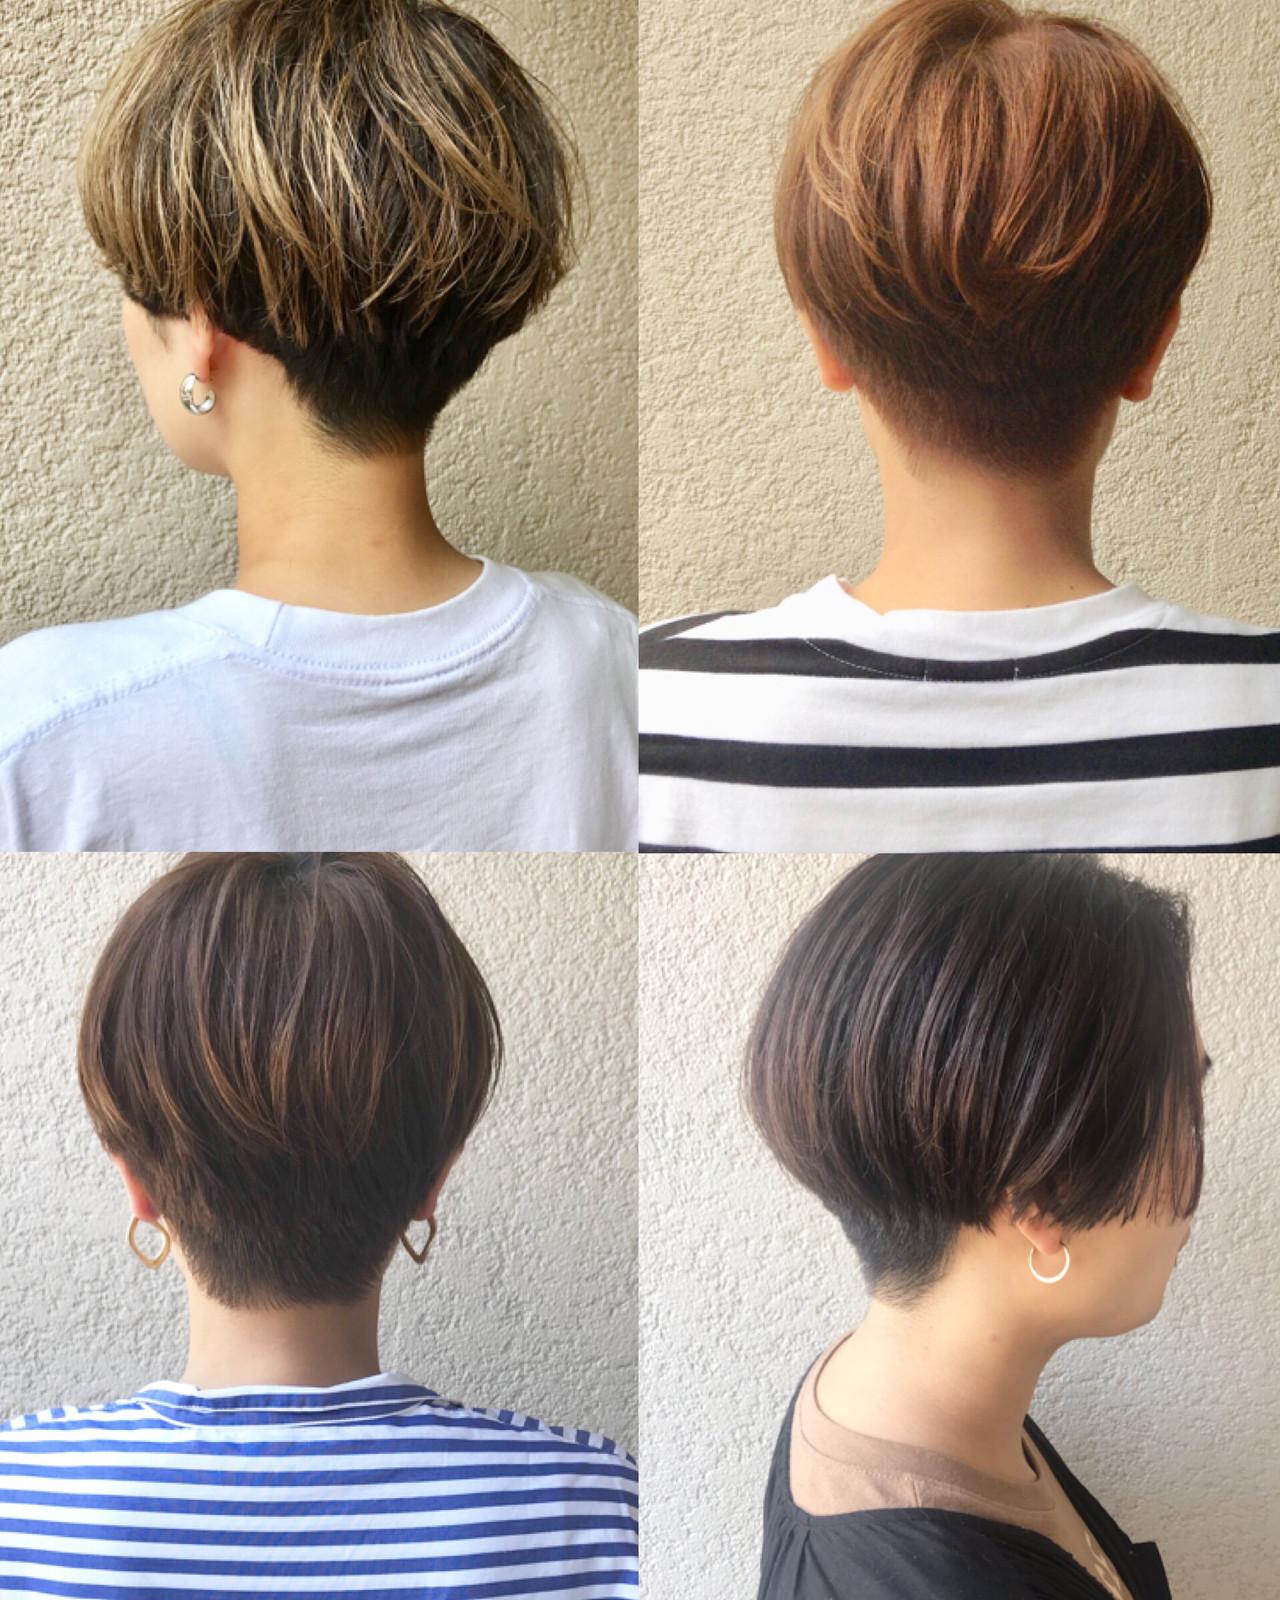 スポーツ アウトドア ショートヘア 刈り上げショート ヘアスタイルや髪型の写真・画像 | 富永暁子 / SUMMER